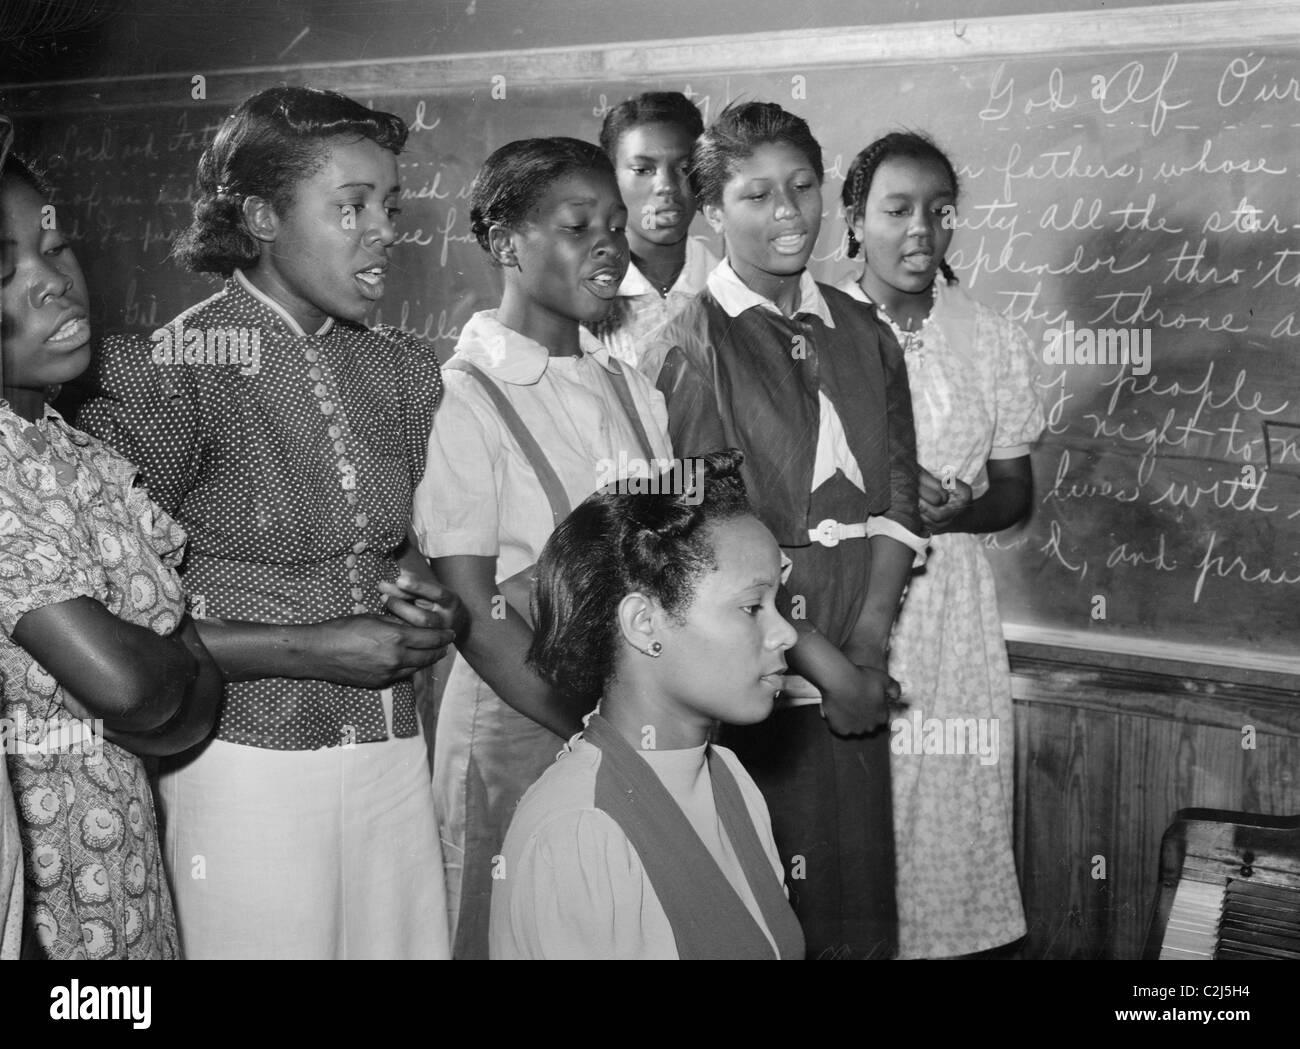 Clases de música afroamericana, en mayo Day-Health practicando canciones para las festividades del Día. Río Flint, Granjas, Georgia Foto de stock